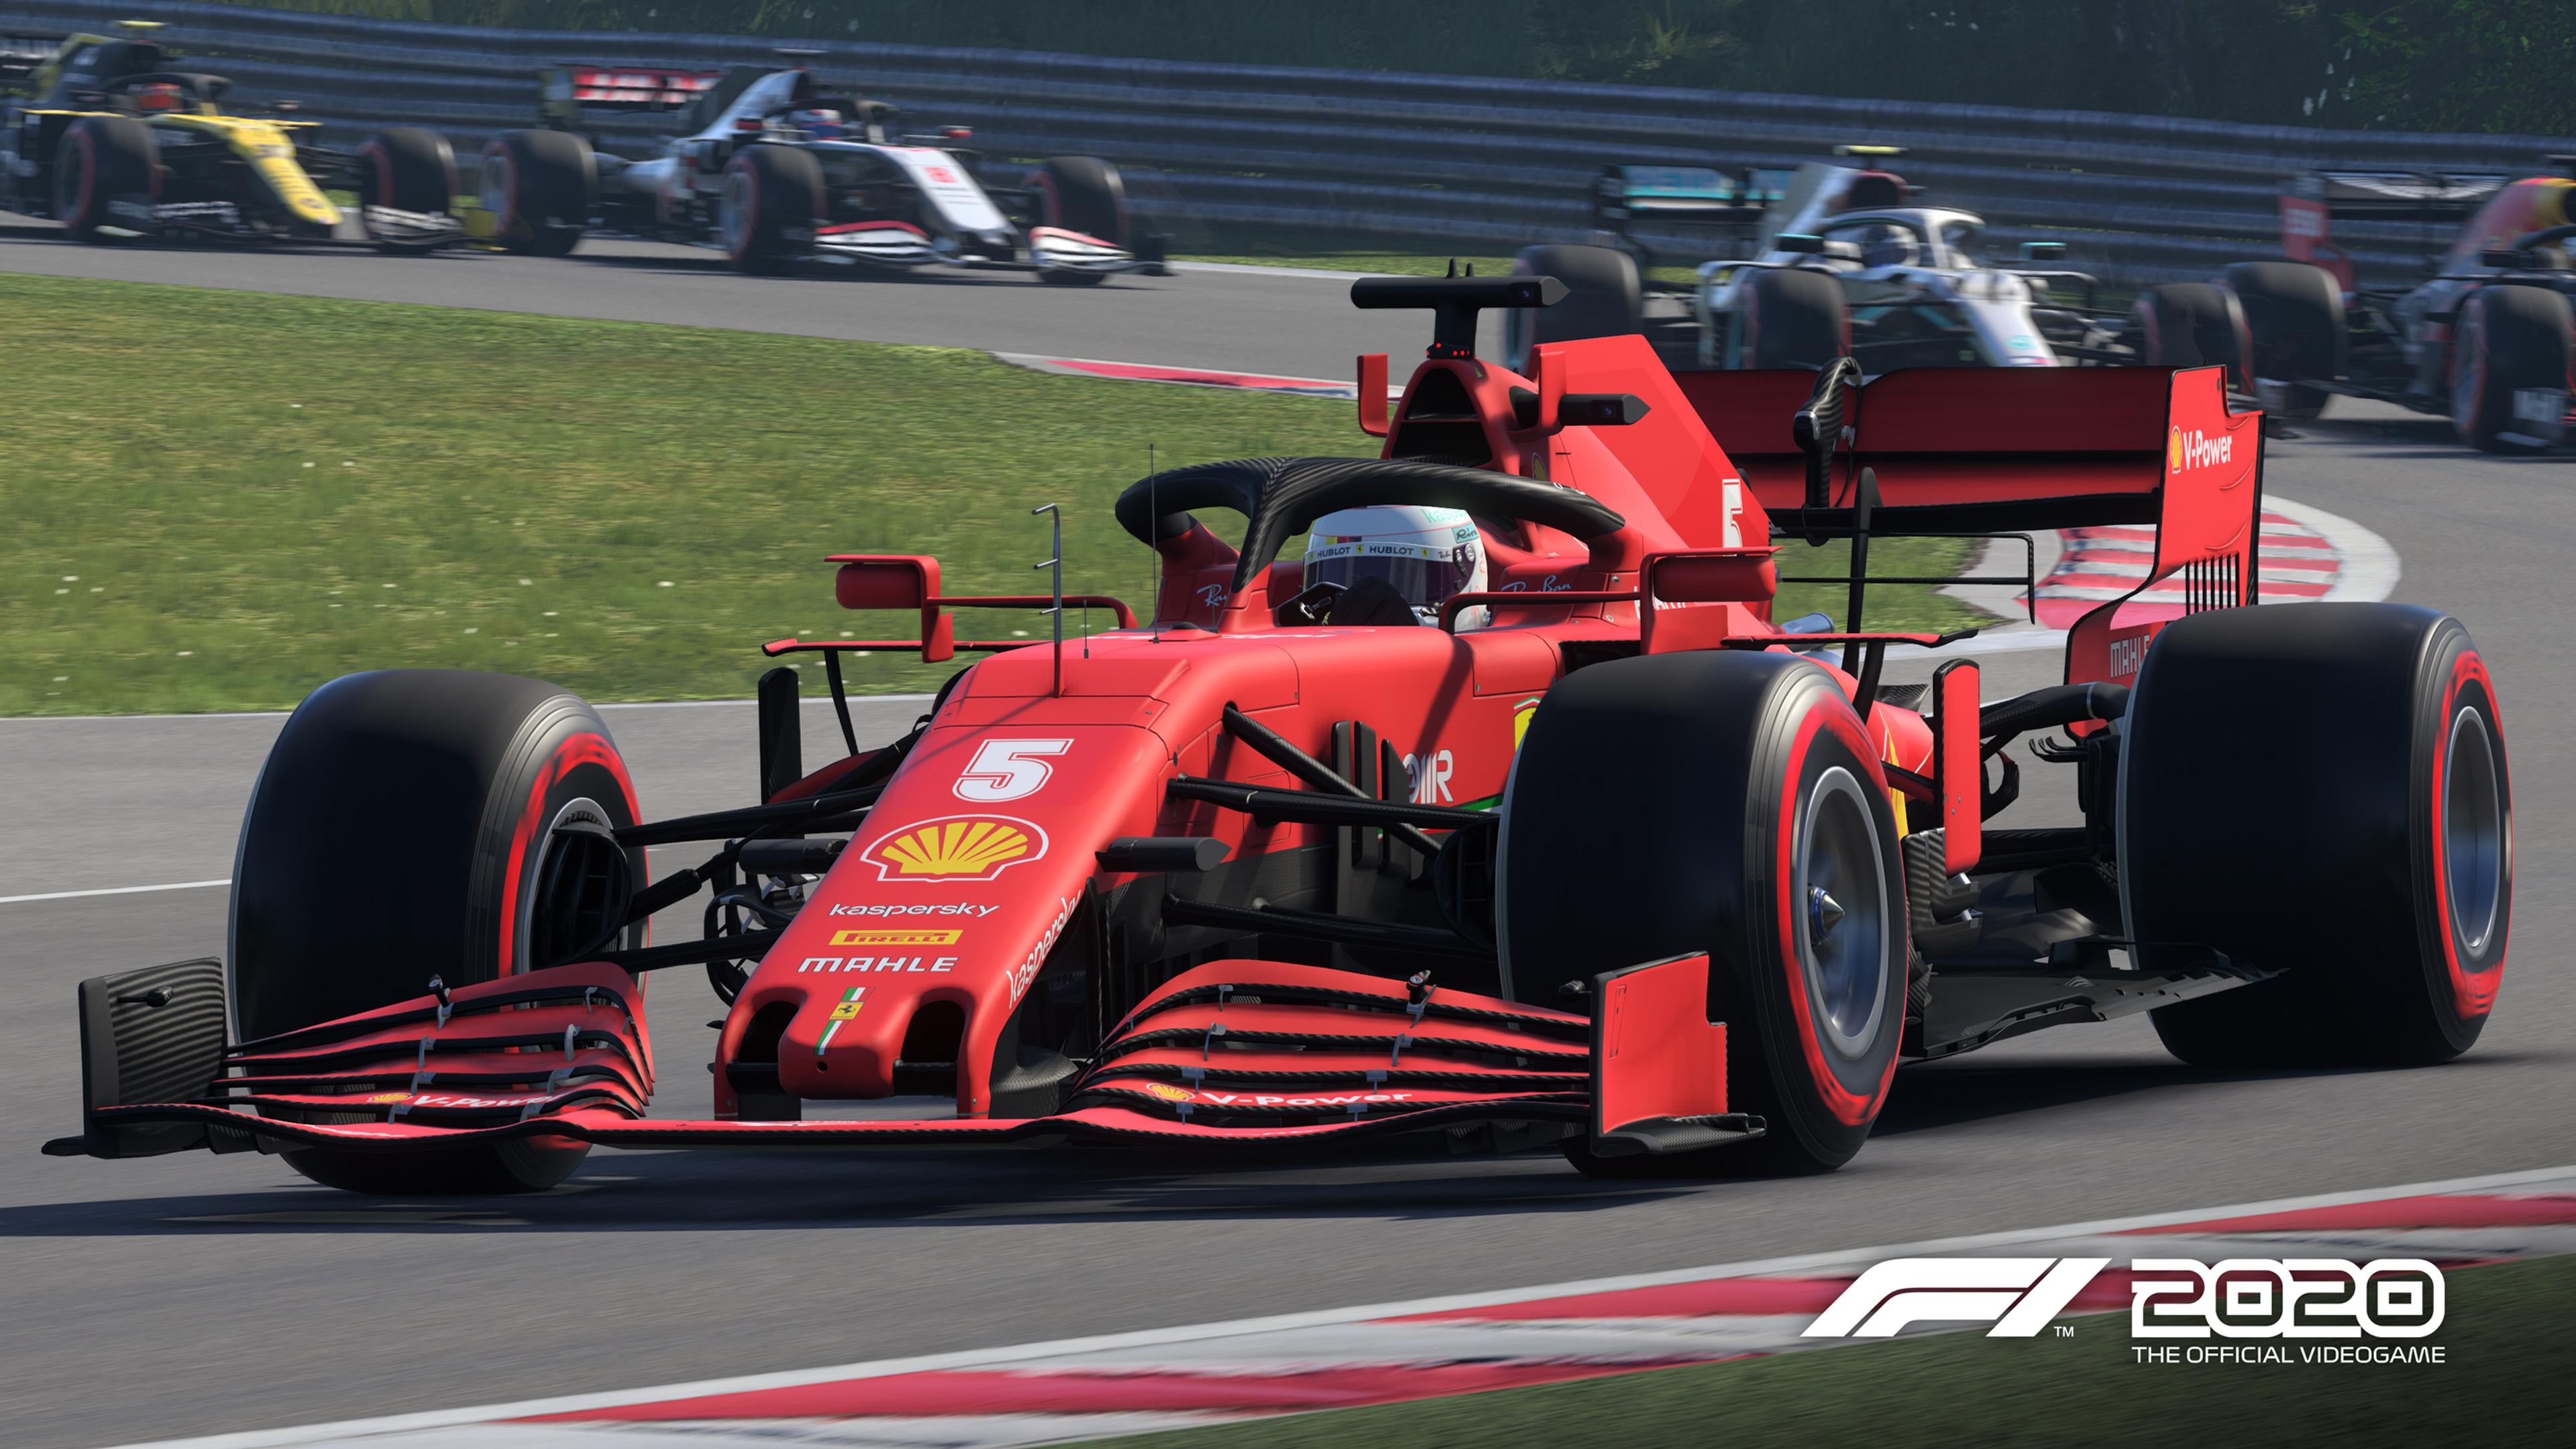 F1 2020 Standard Edition | ROW (414692dc-a280-4b74-a083-9346712f2a11)